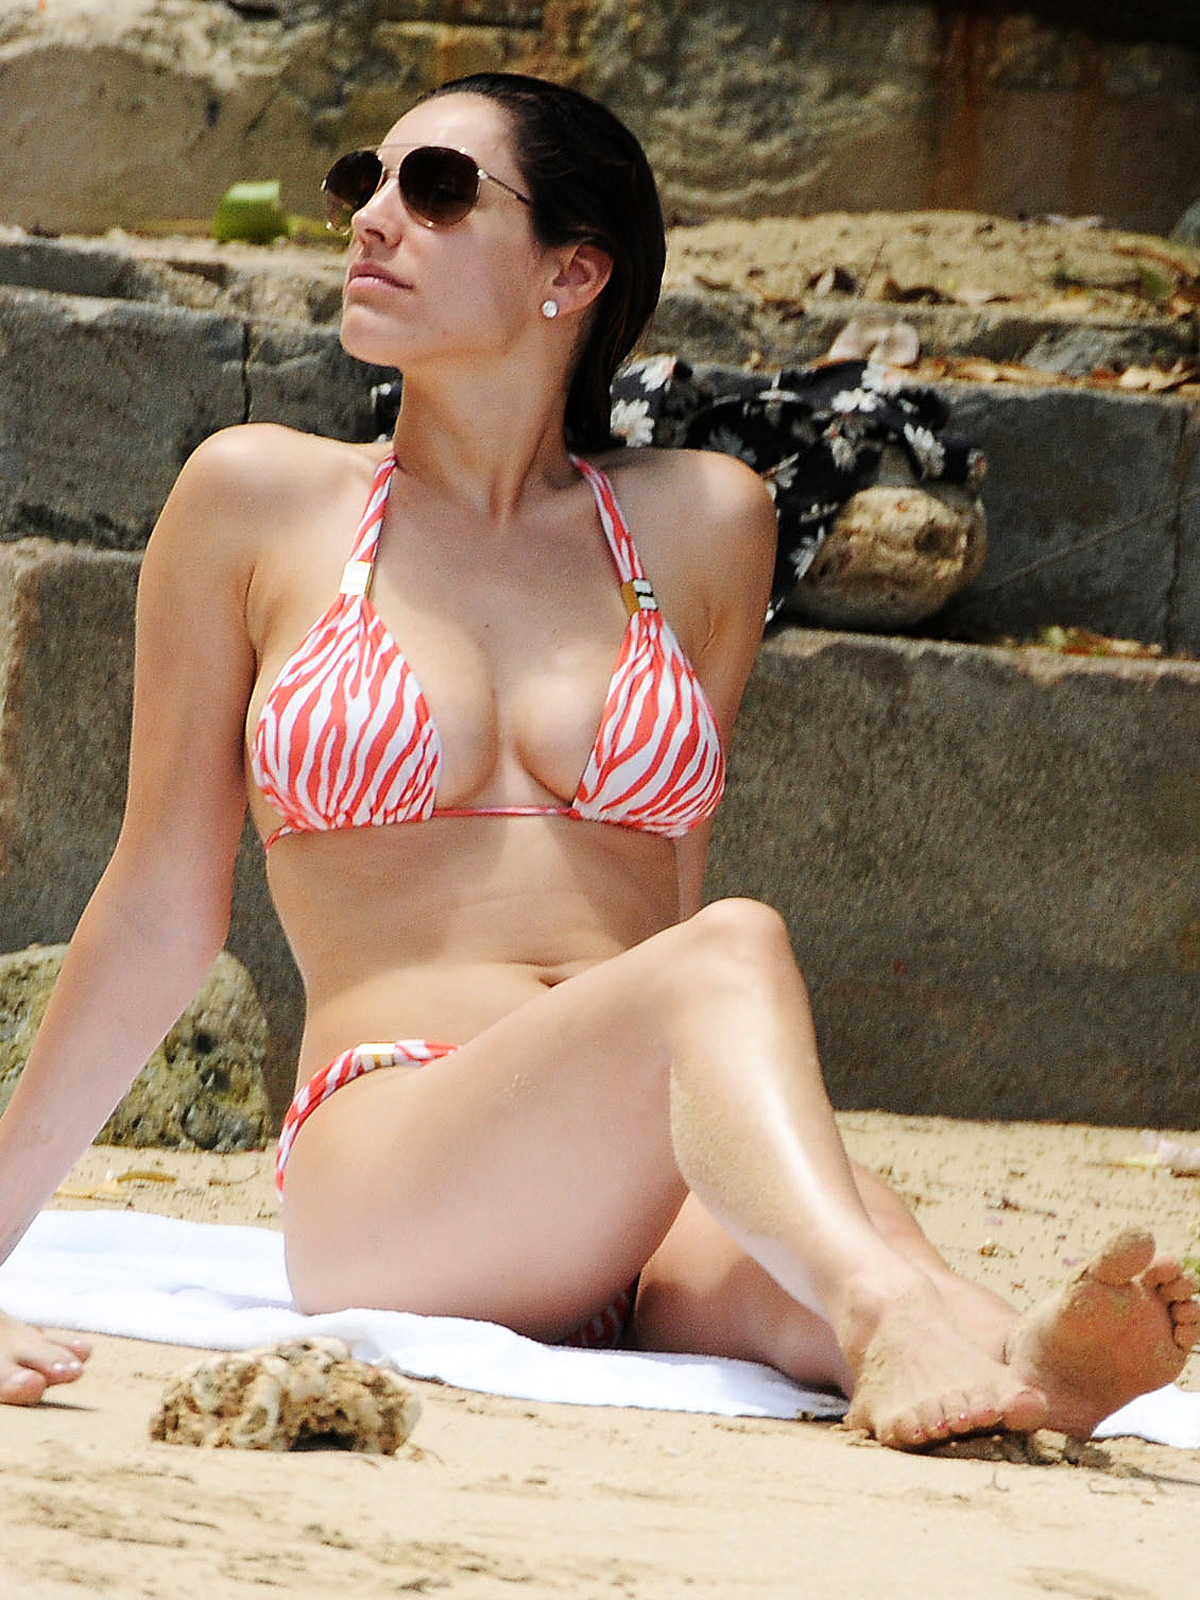 http://2.bp.blogspot.com/-8LAkOD-XiBA/Ta7545io3PI/AAAAAAAABvo/yVHw4eKKp0I/s1600/kelly-brook-barbados-bikini-01.jpg